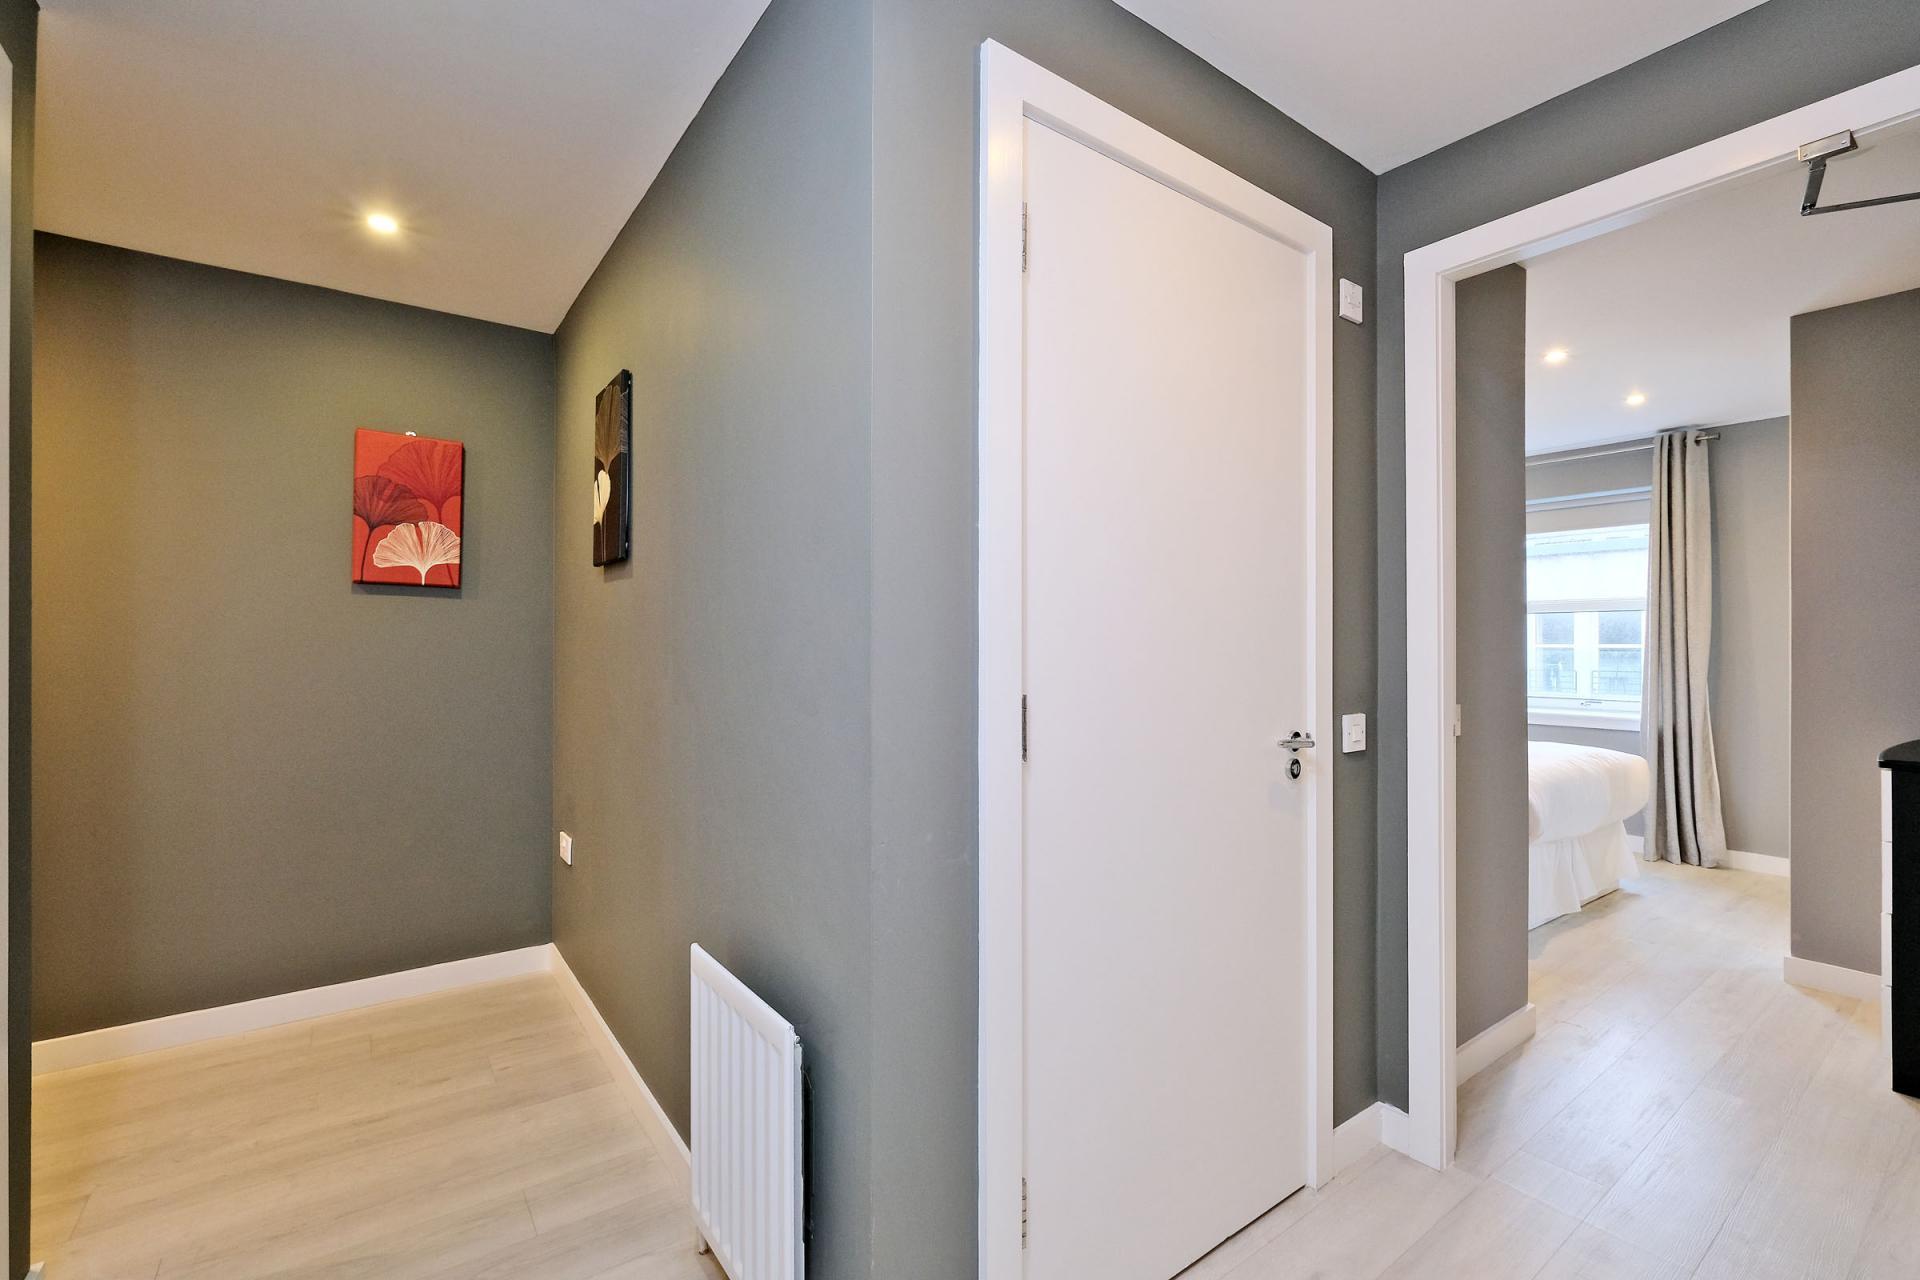 Hallway at 54 Chapel Street Apartments, Centre, Aberdeen - Citybase Apartments